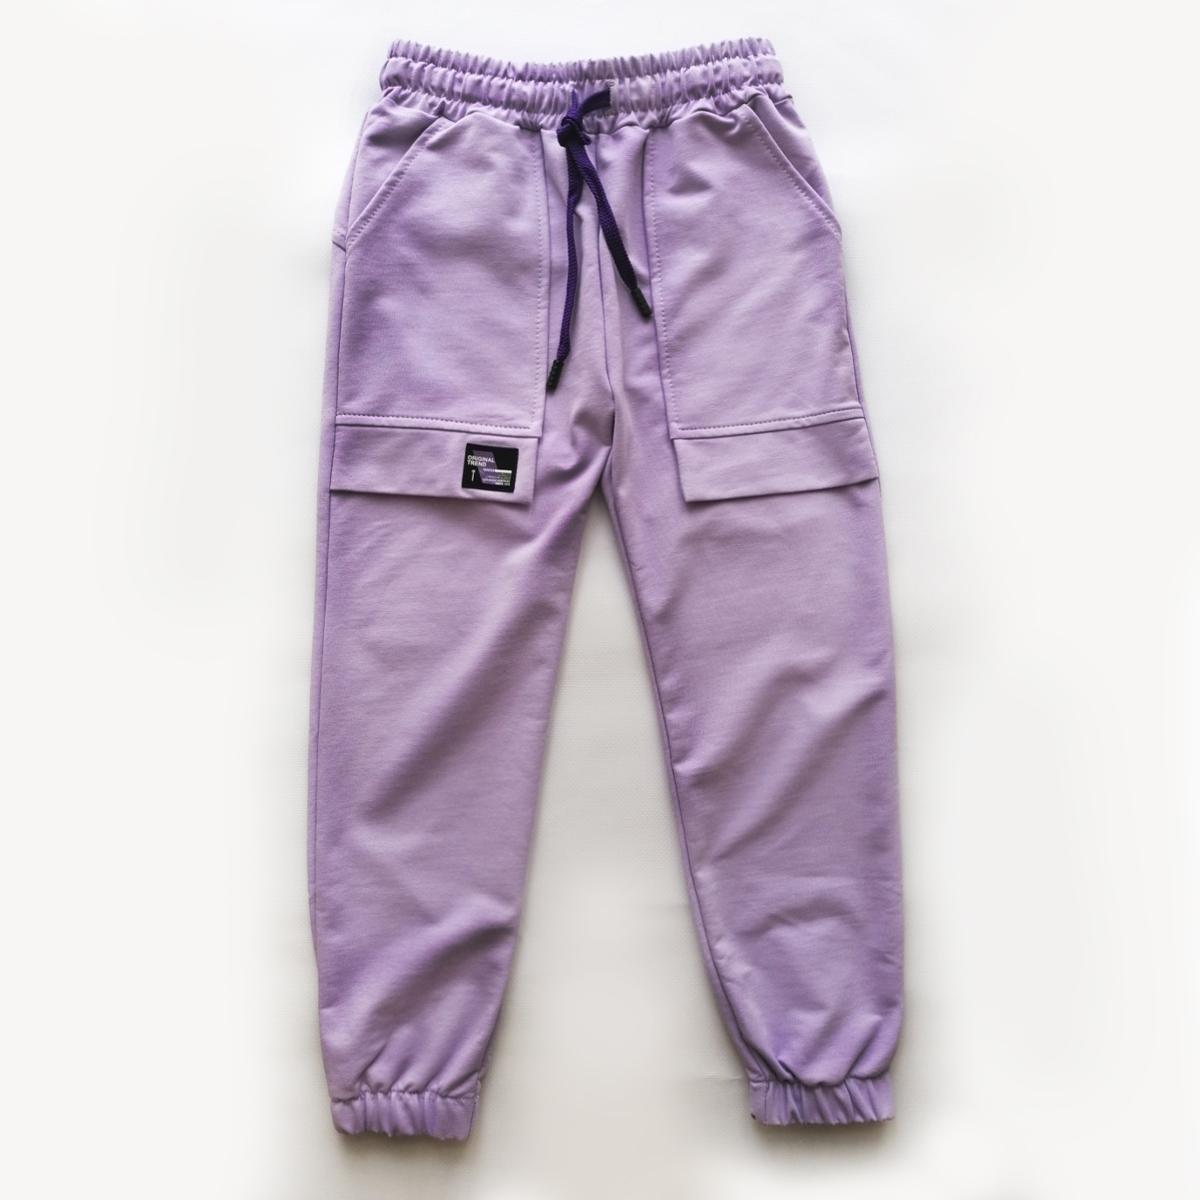 Штани для дівчинки підлітка, спортивні, лілові, Easy SmileTime